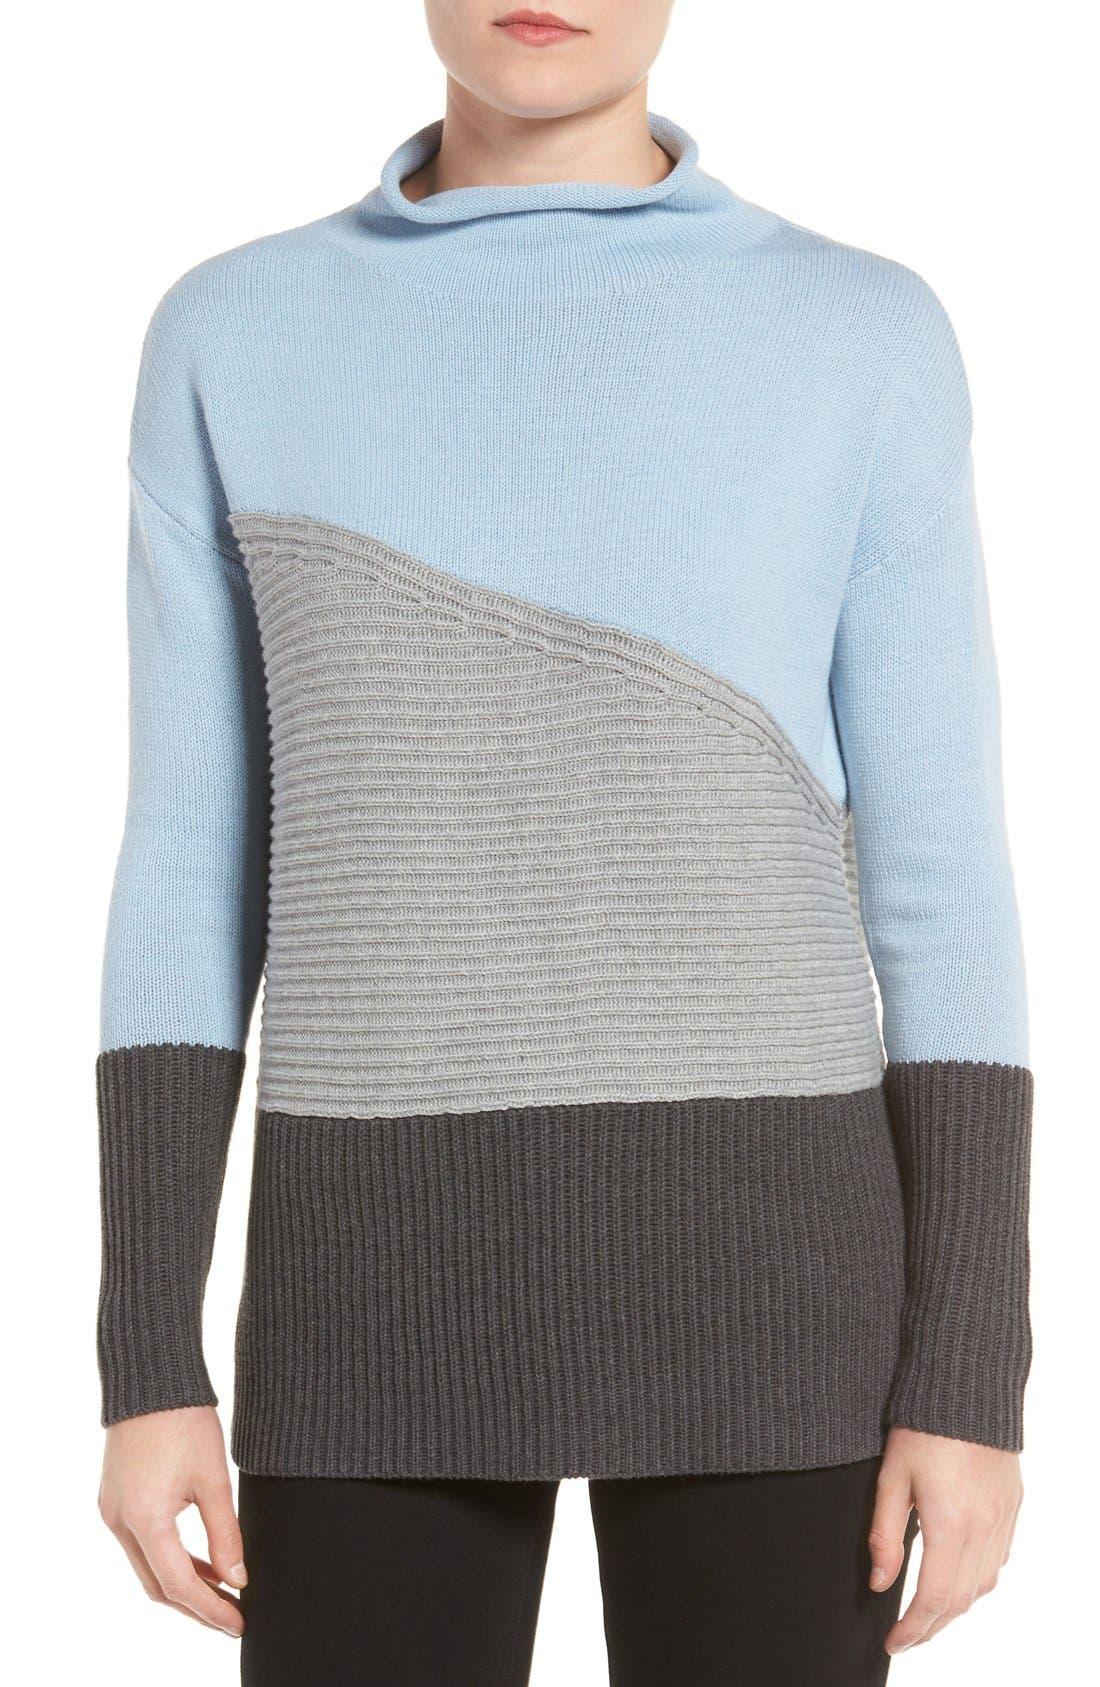 Alternate Image 1 Selected - Vince Camuto Colorblock Turtleneck Sweater (Regular & Petite)